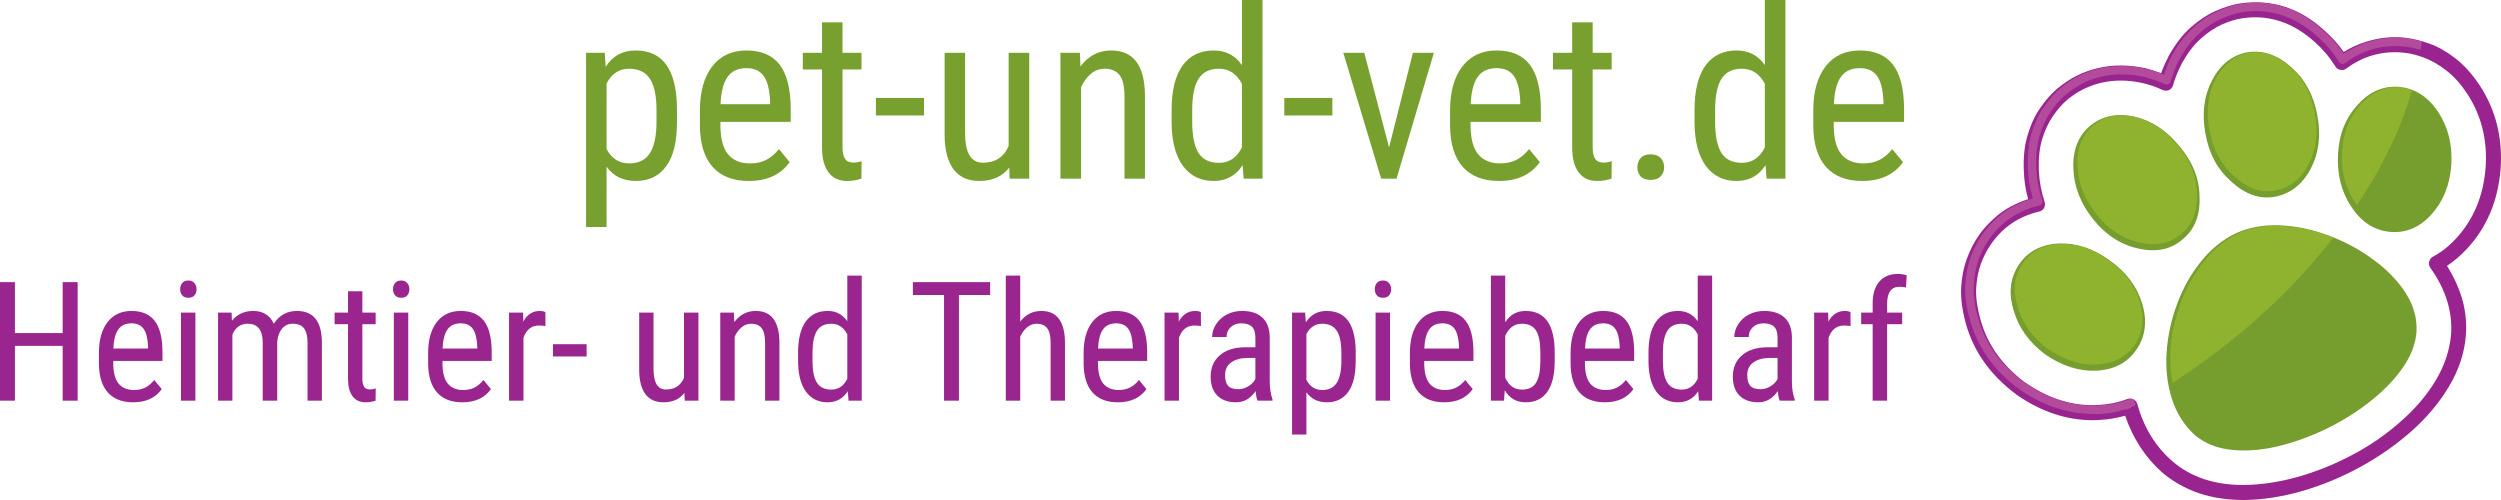 pet-und-vet.de - Heimtier- und Therapiebedarf-Logo